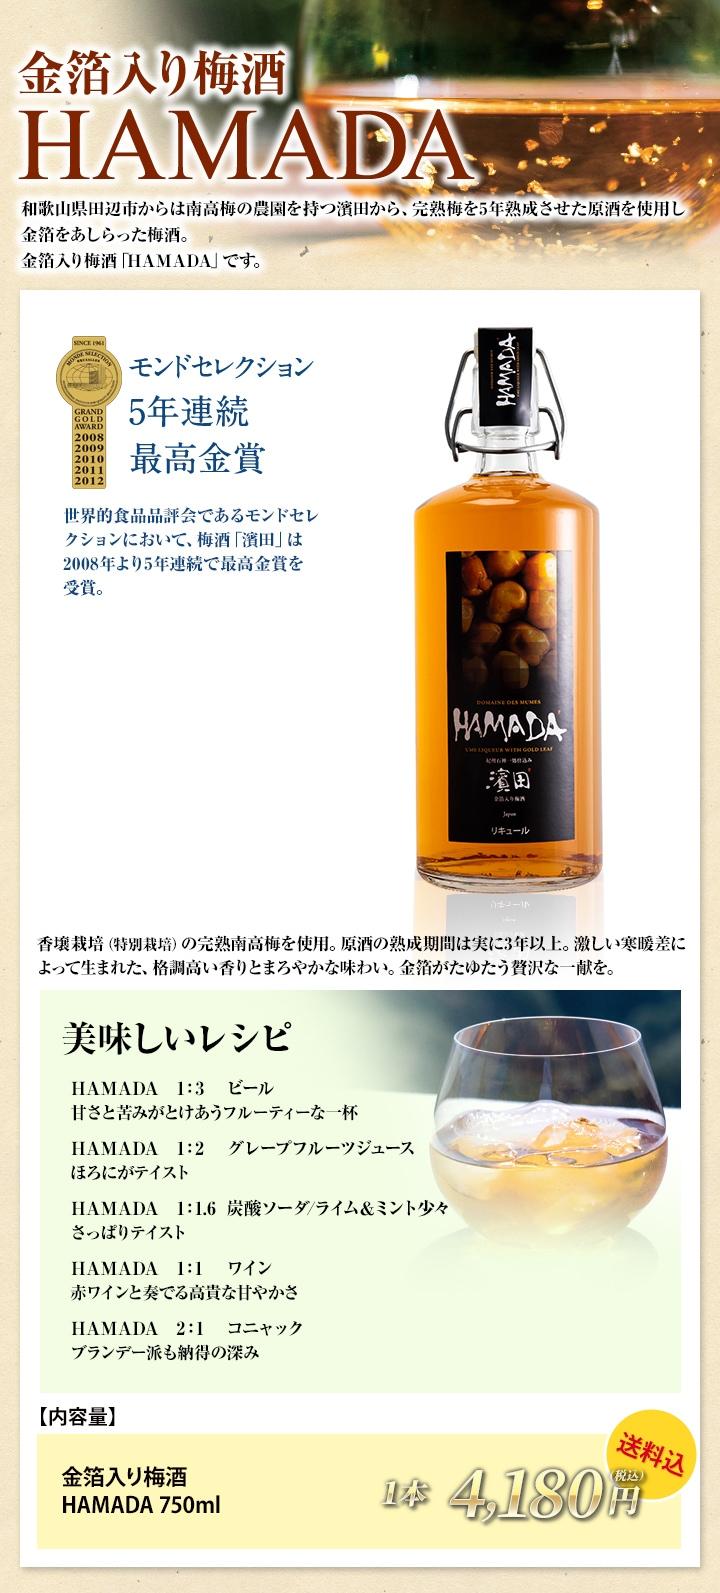 金箔入り梅酒「HAMADA」750ml